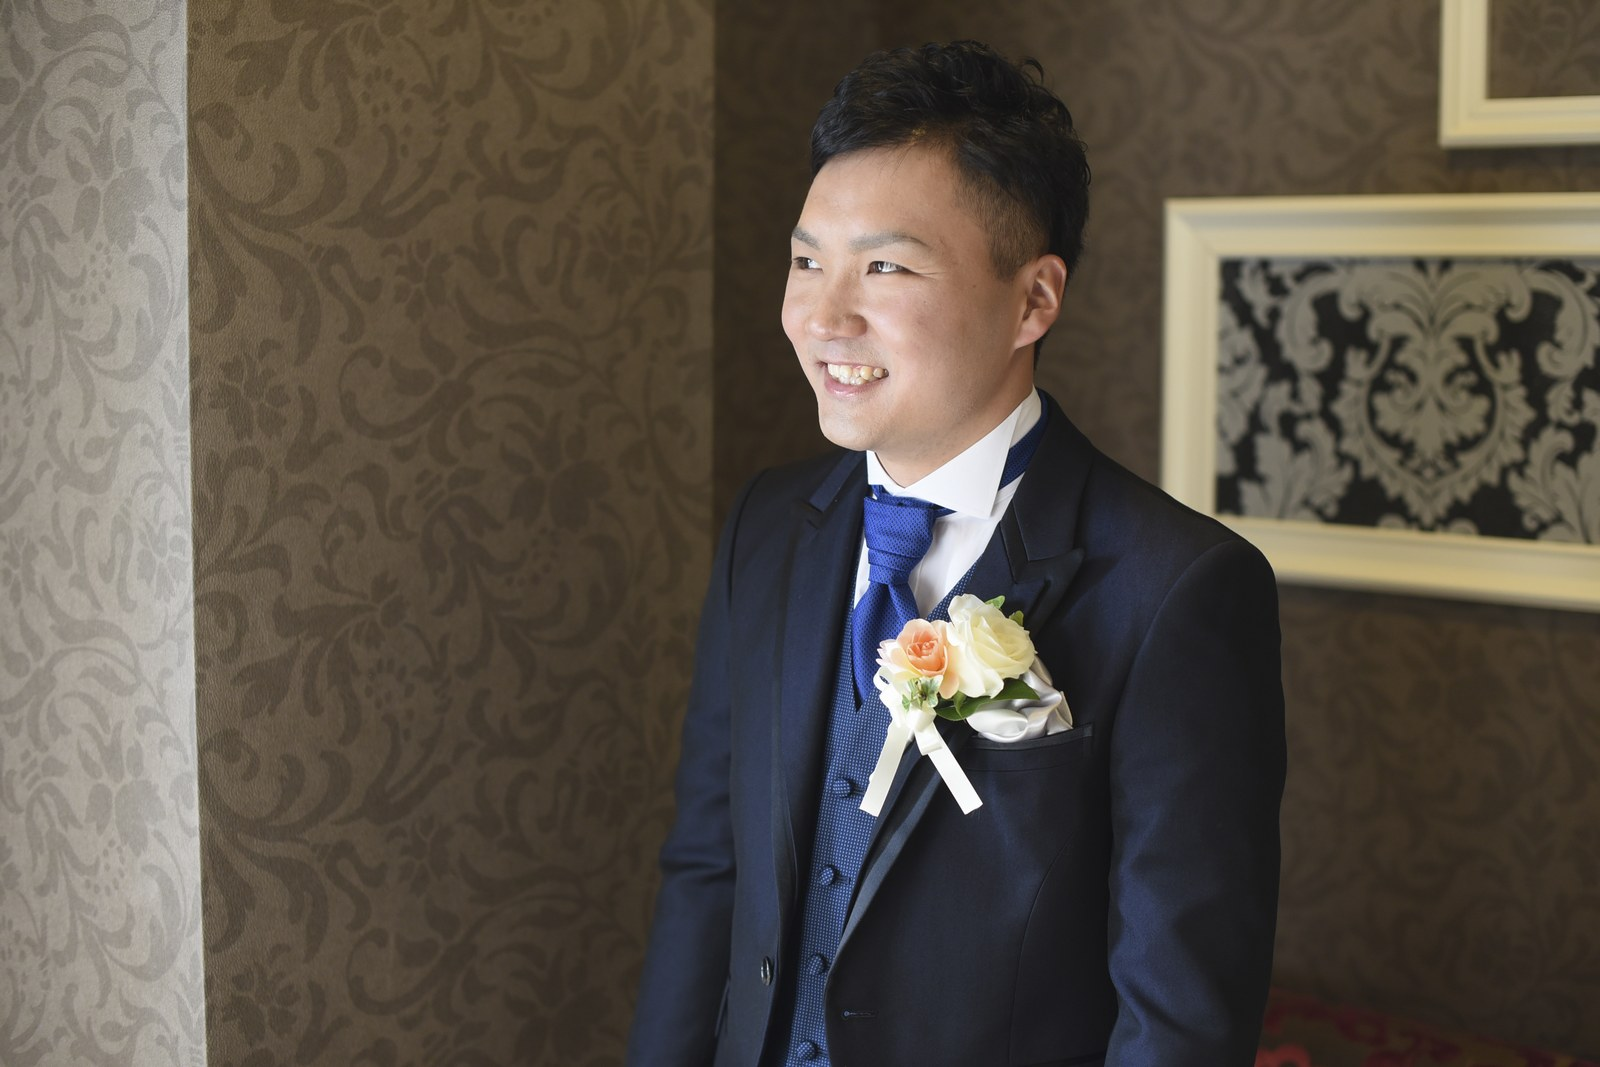 徳島市の結婚式場ブランアンジュで控室で挙式を待つ新郎様